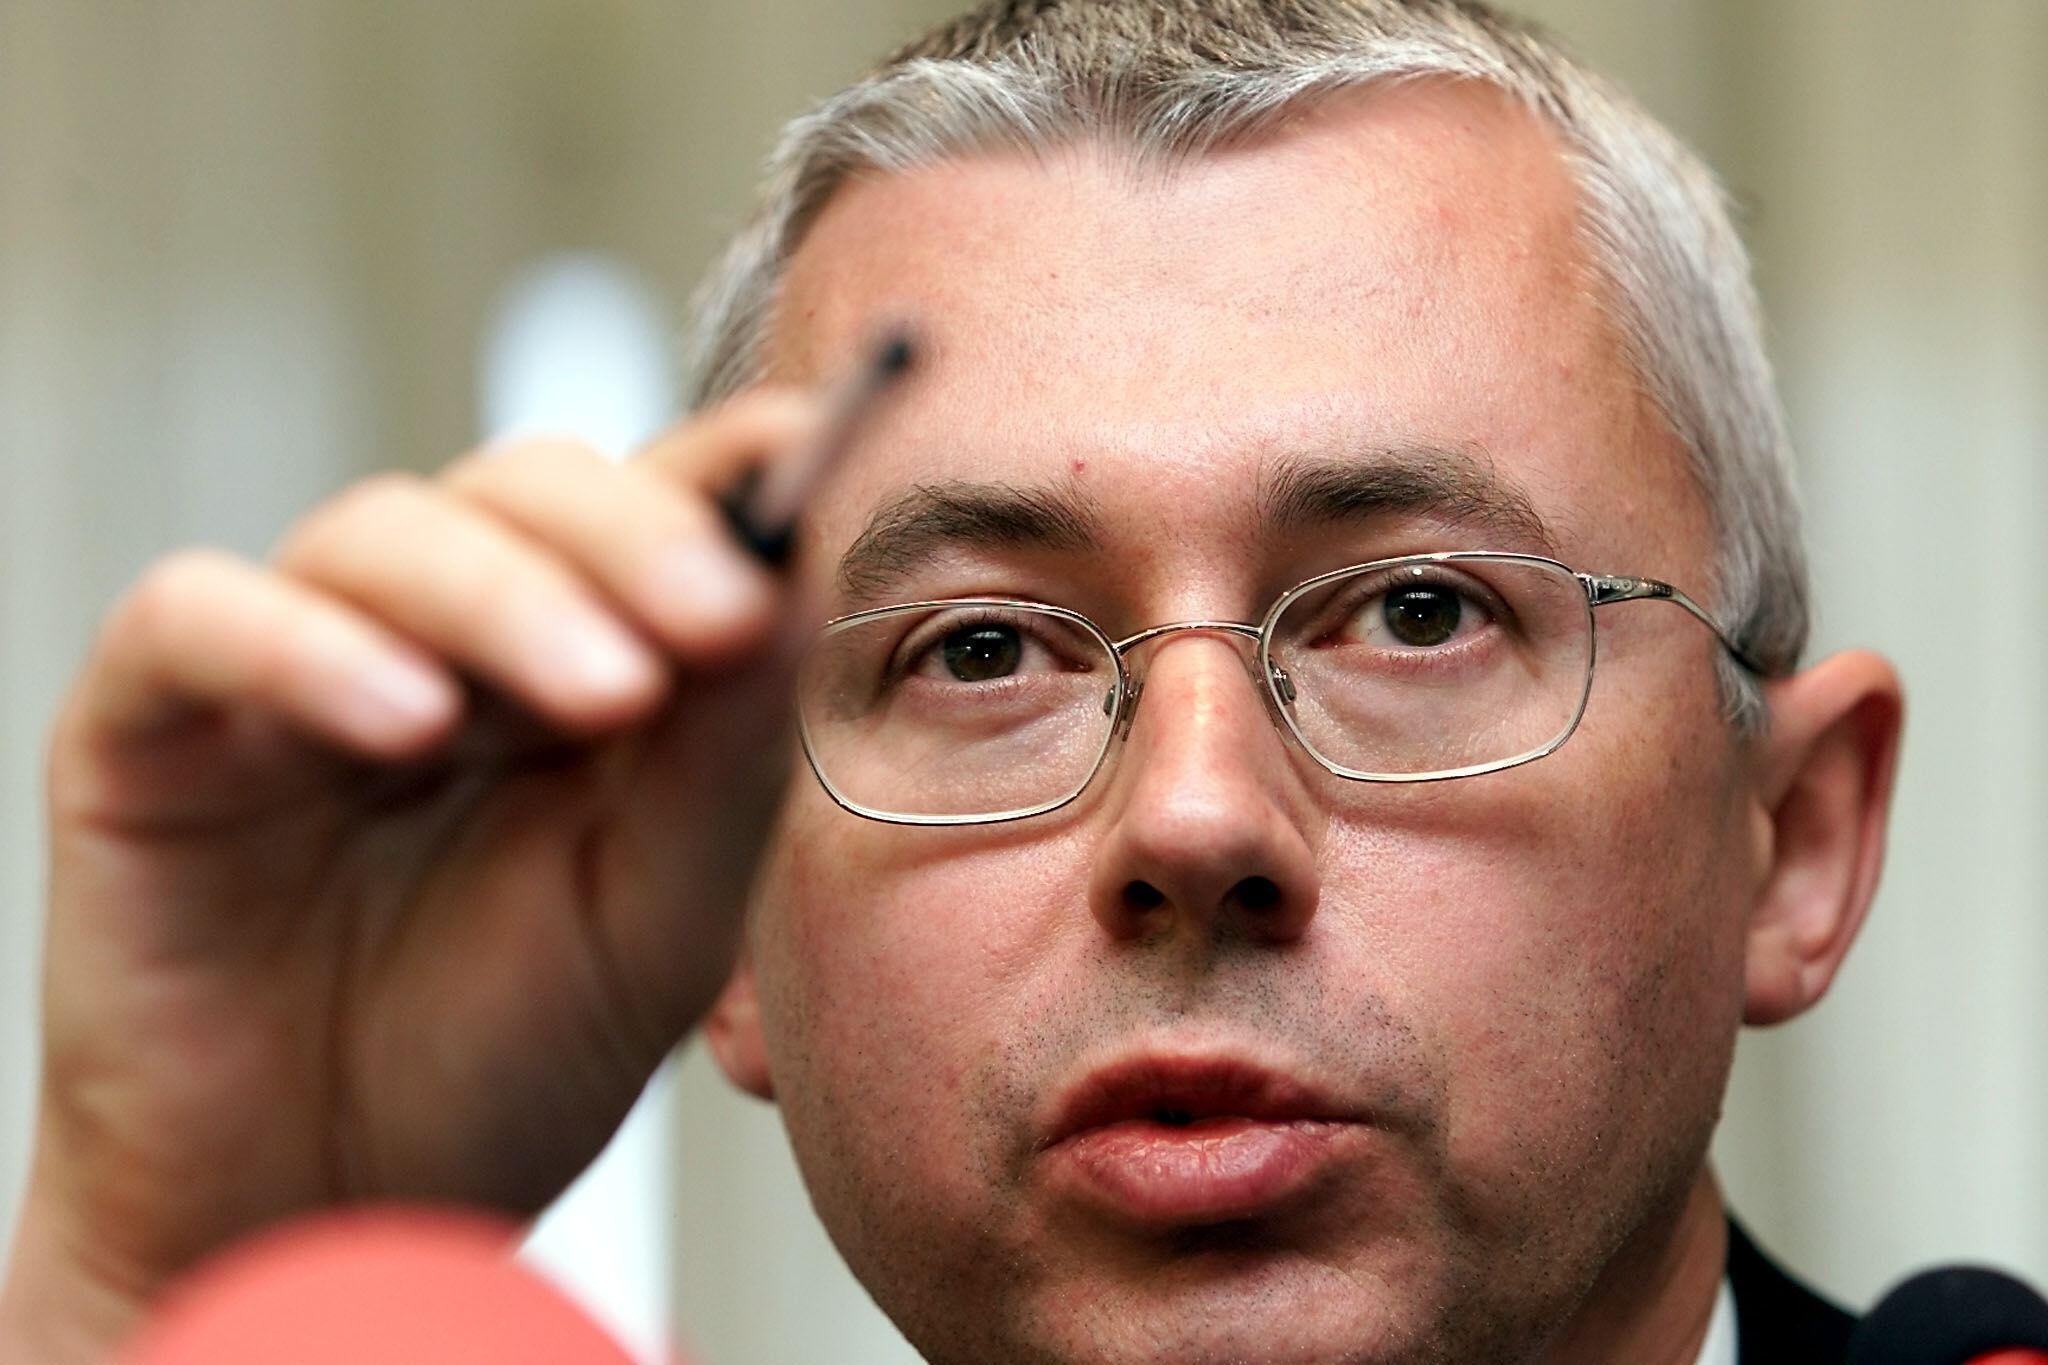 Игорь Малашенко. Архивное фото. 2000 г.